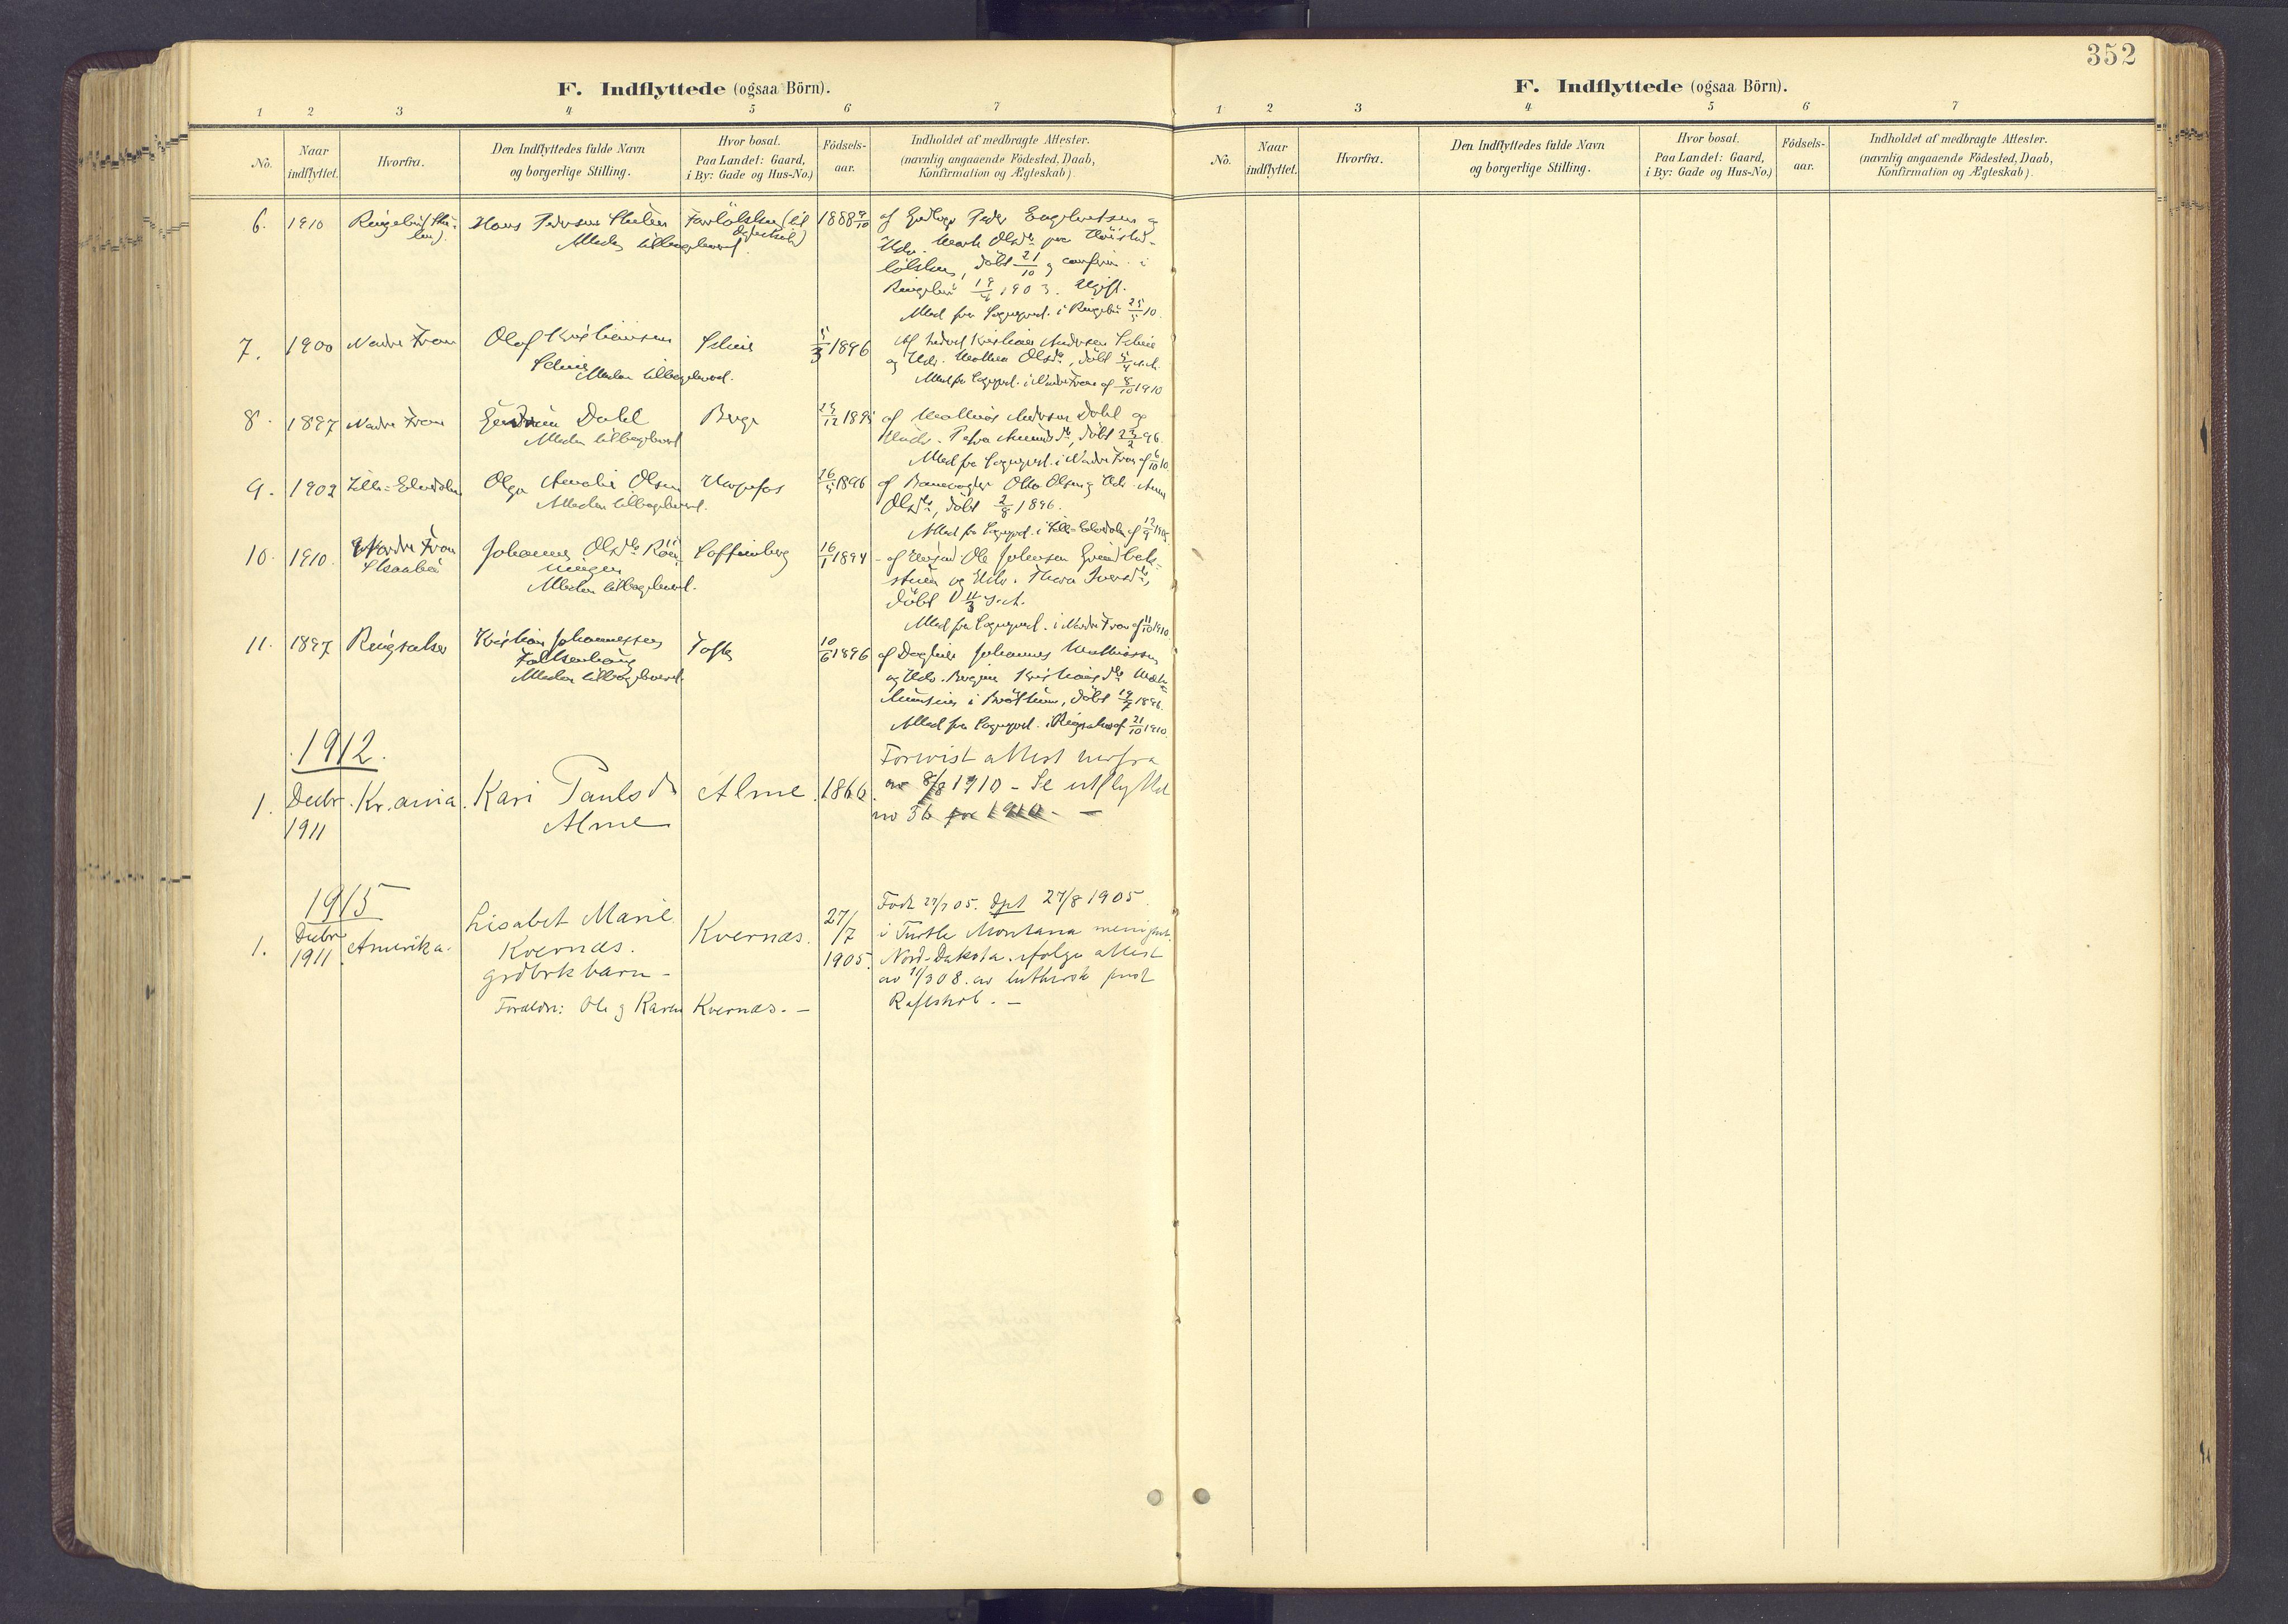 SAH, Sør-Fron prestekontor, H/Ha/Haa/L0004: Ministerialbok nr. 4, 1898-1919, s. 352